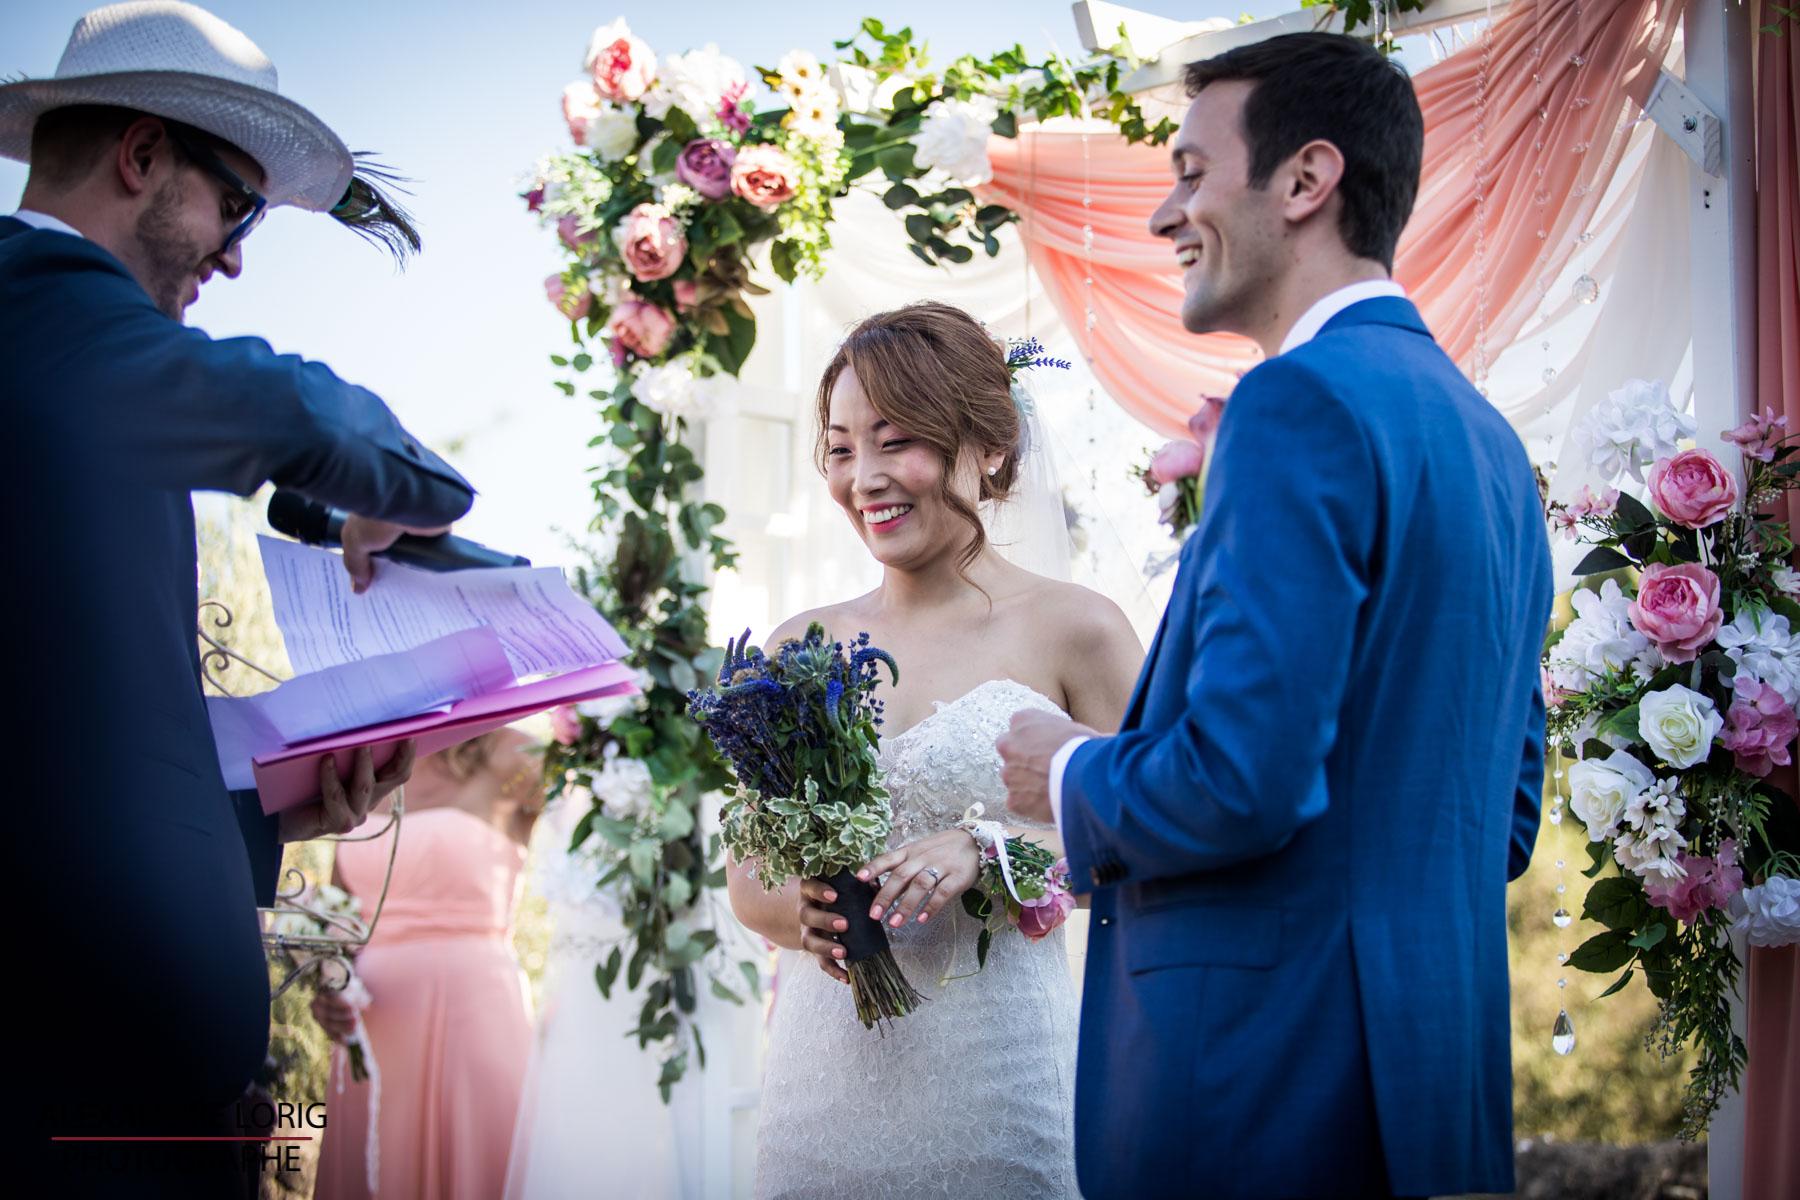 le-coeur-dans-les-etoiles-wedding-planne